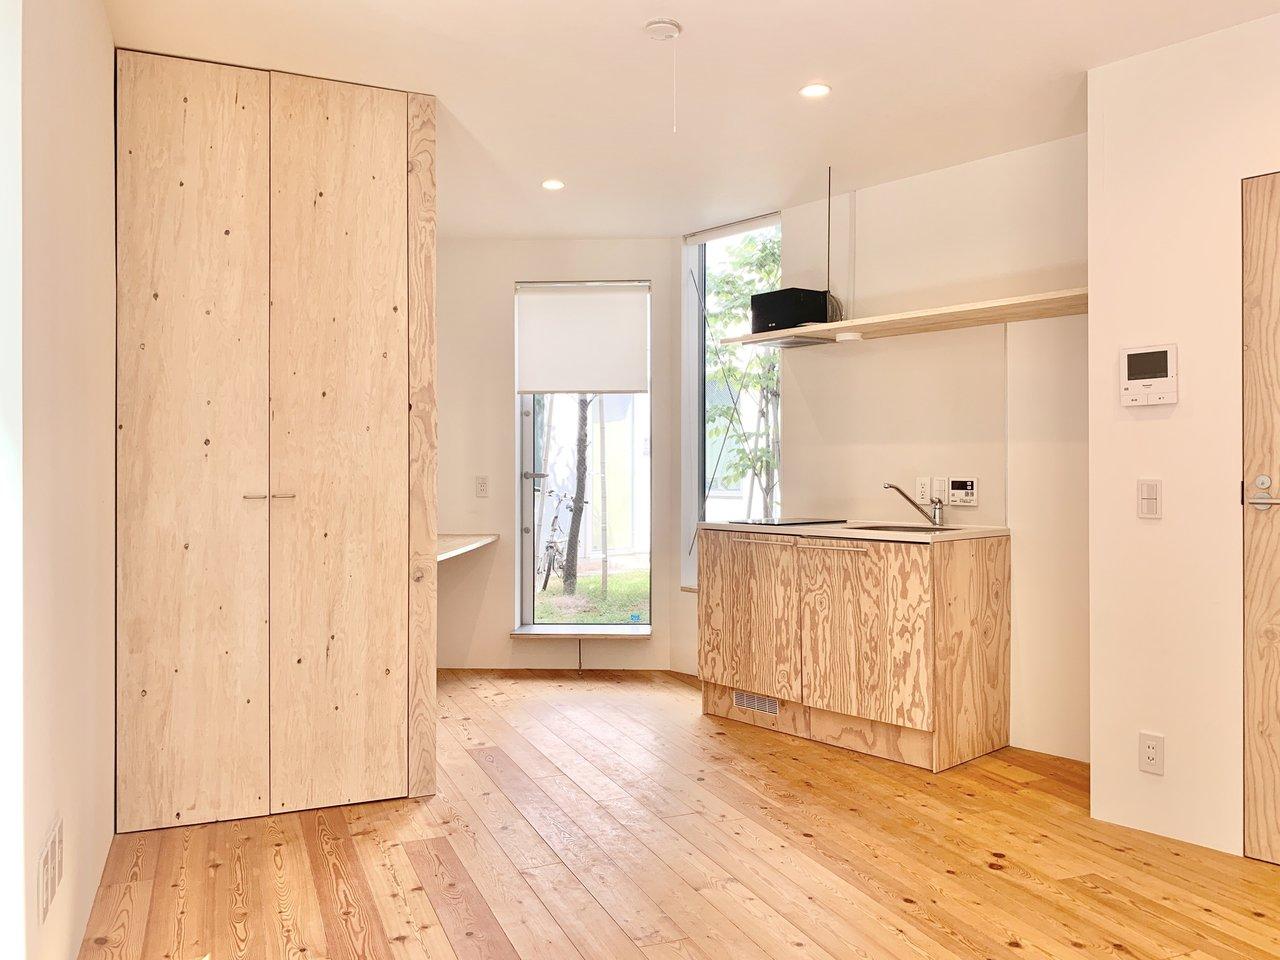 反対側から見た様子。左側に収納スペースがあります。キッチンもIHの2口コンロ付きです。キッチン横に、冷蔵庫を置けるスペースもしっかりありましたよ。